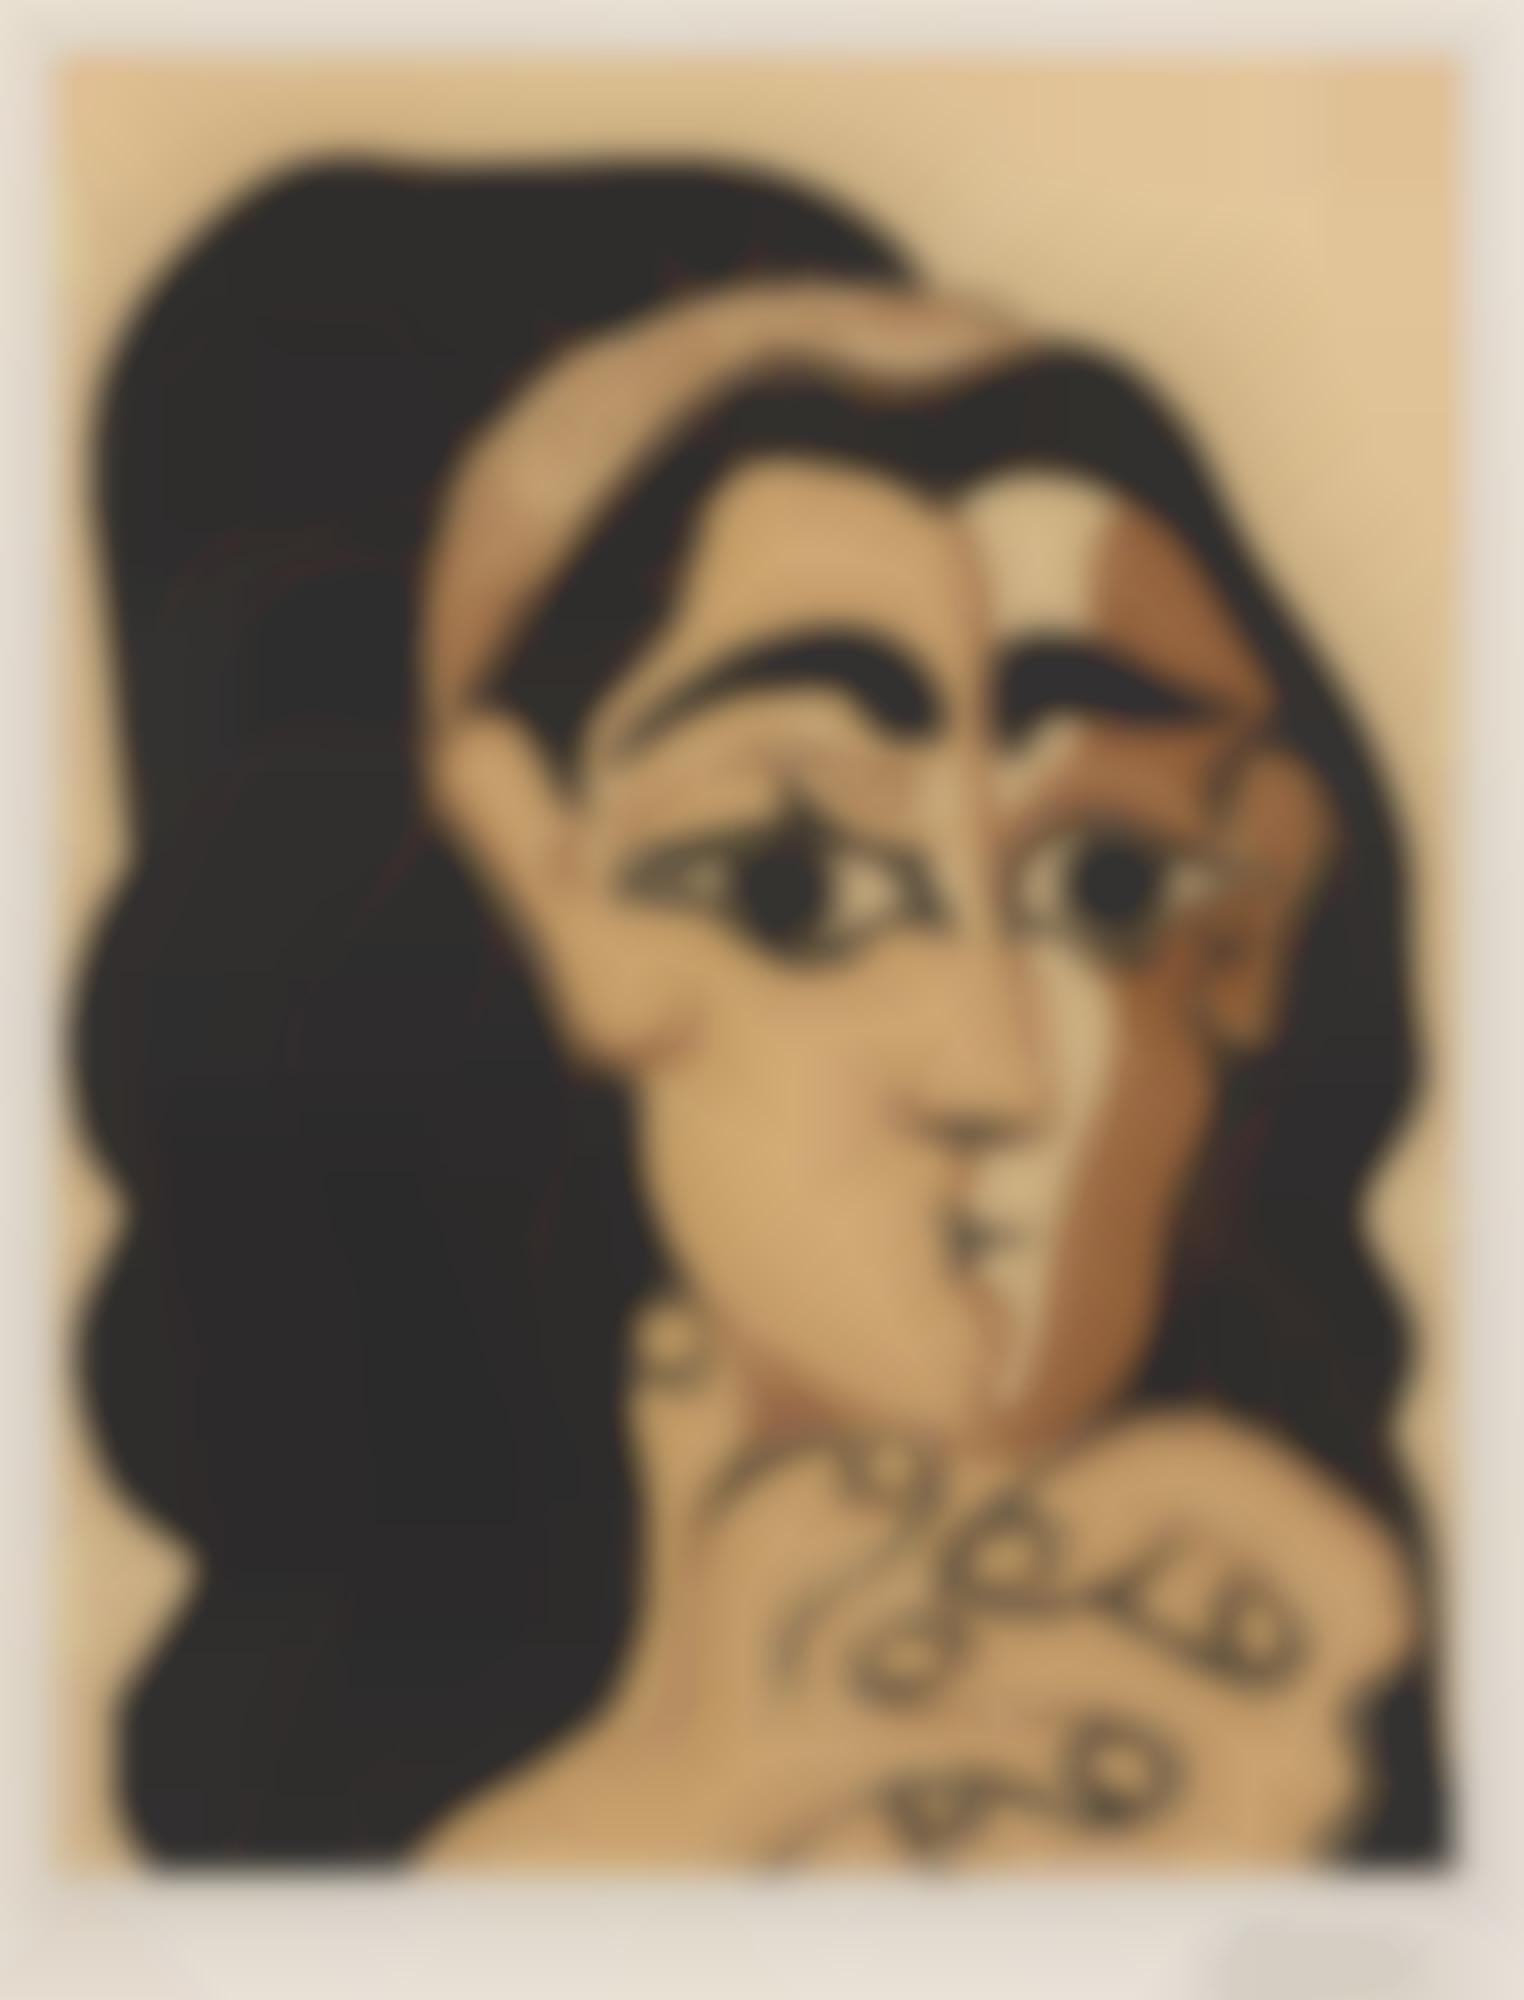 Pablo Picasso-Portrait De Jacqueline Au Bandeau Accoudee (Femme Au Bandeau)(B. 1081; Baer 1306)-1962